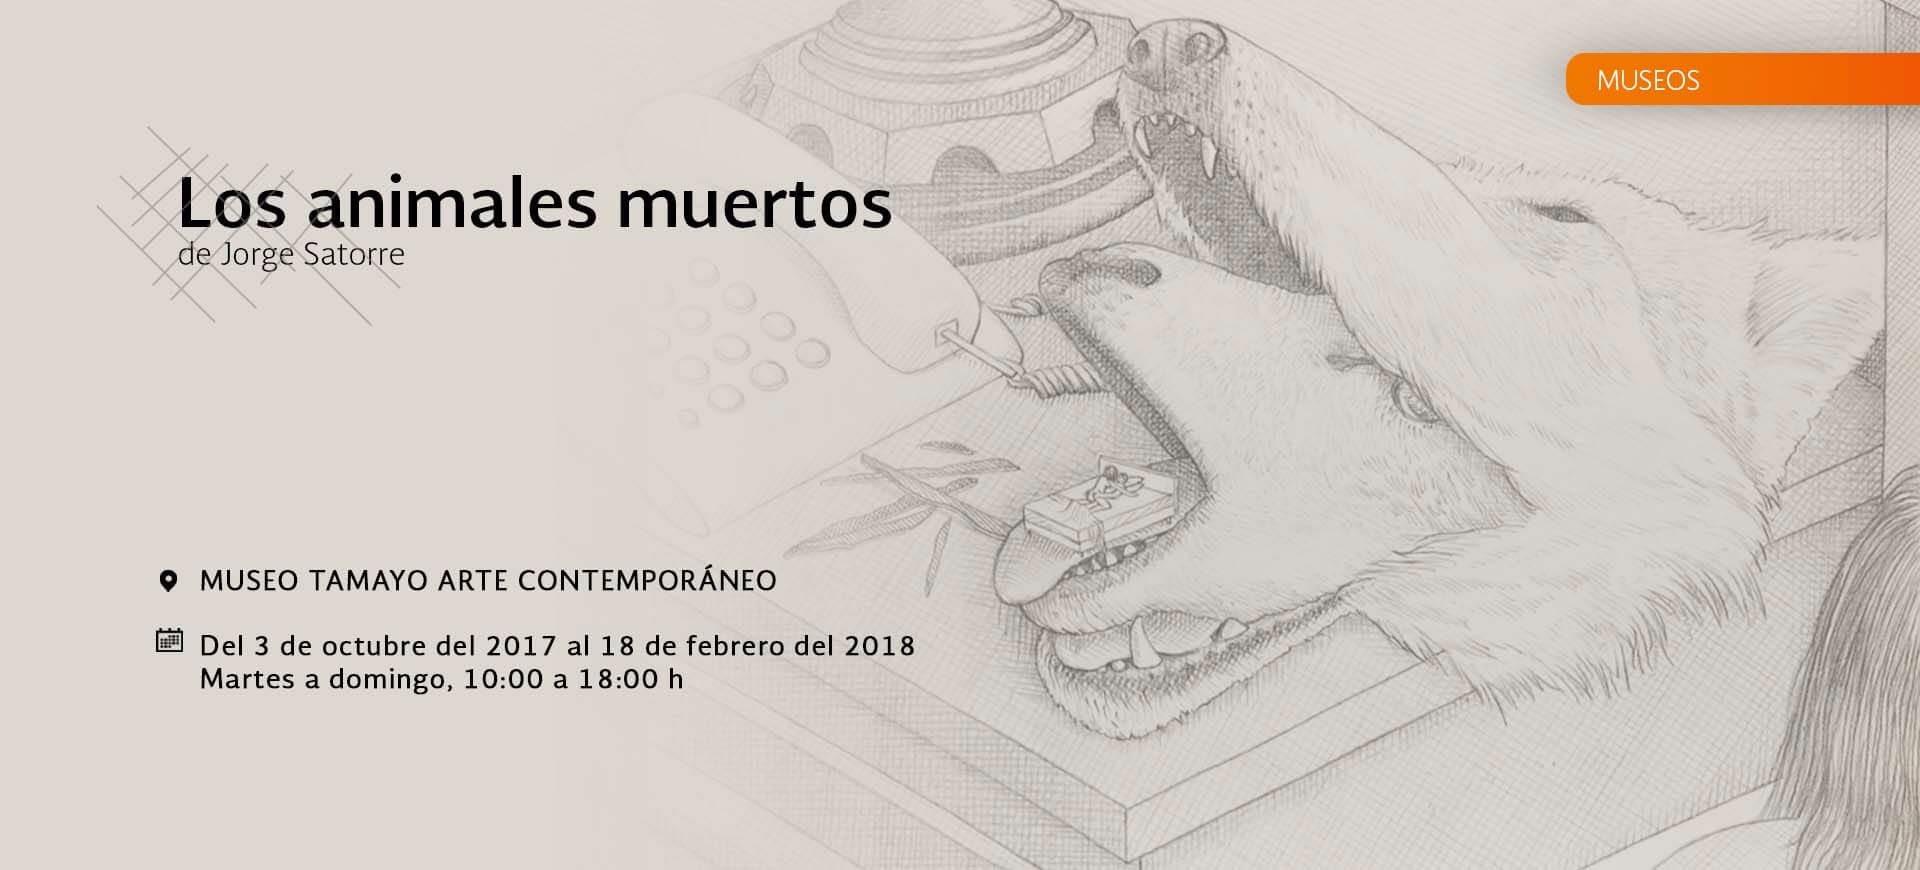 Los animales muertos. Jorge Satorre